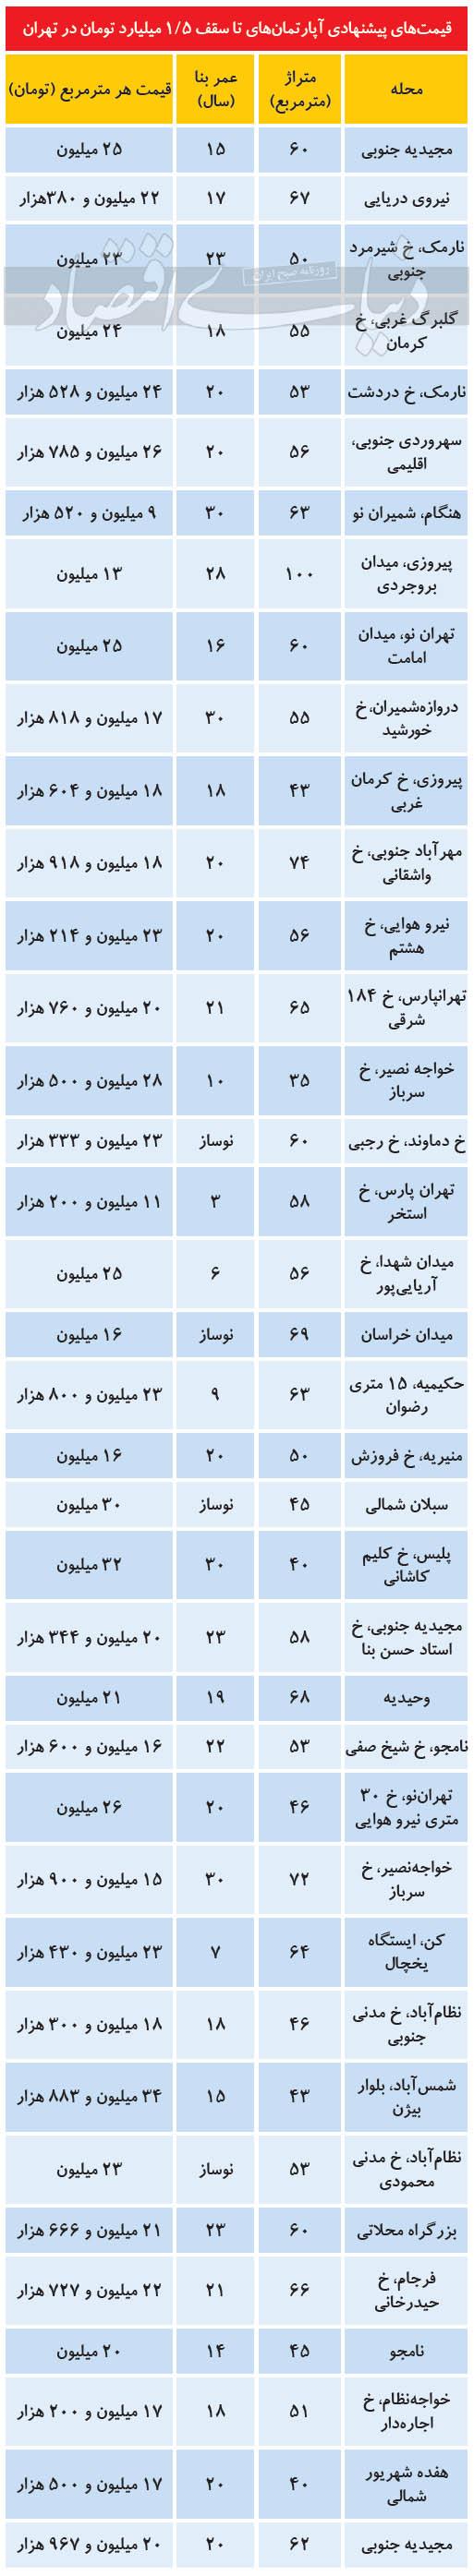 آپارتمان-های-یک-و-نیم-میلیاردی-تهران